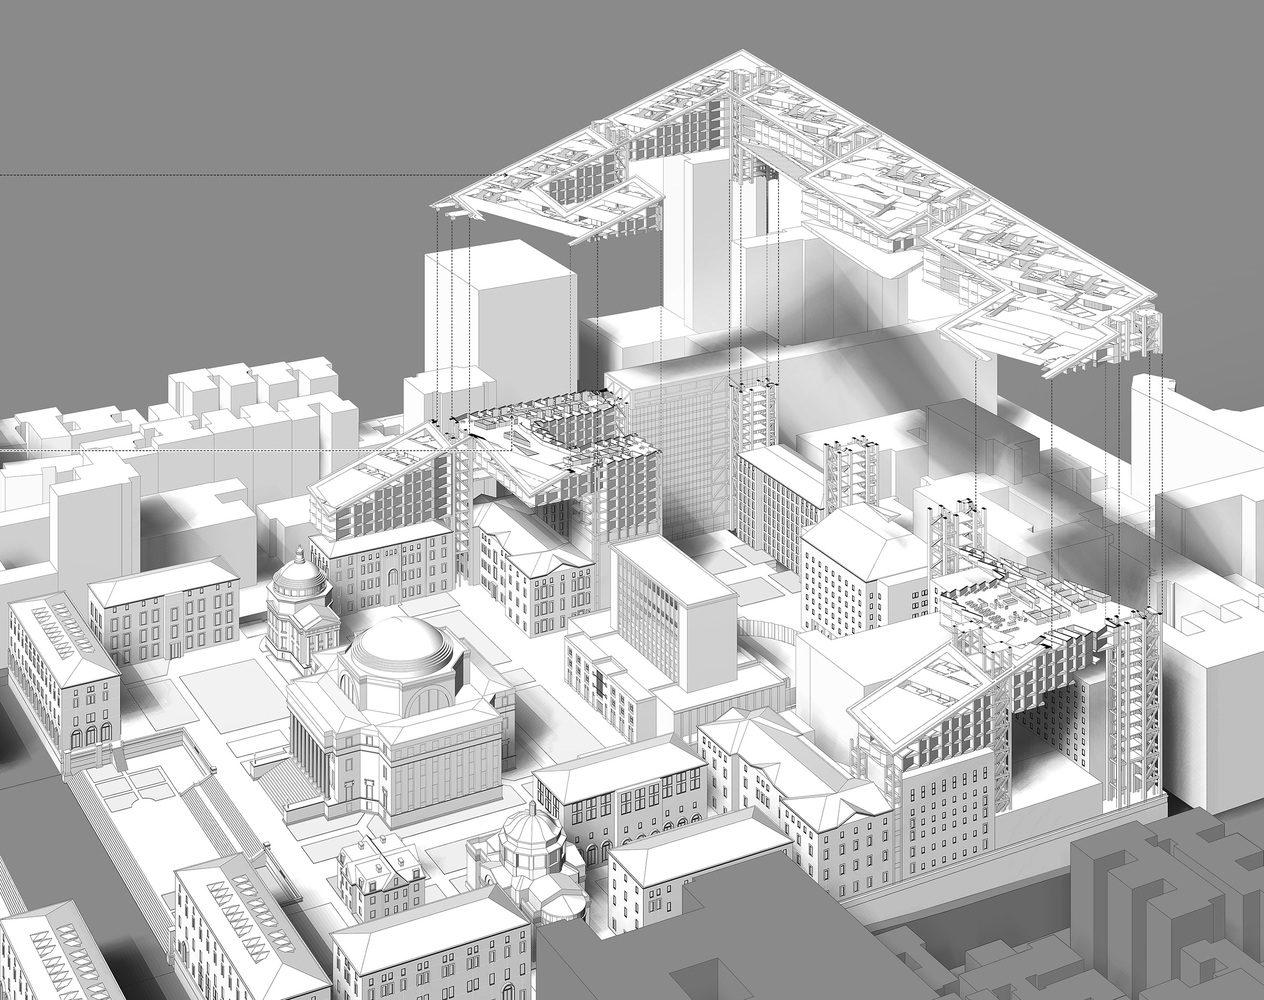 eVolo Announces 2018 Skyscraper Competition Winners - IGS Magazine - Architecture - 19